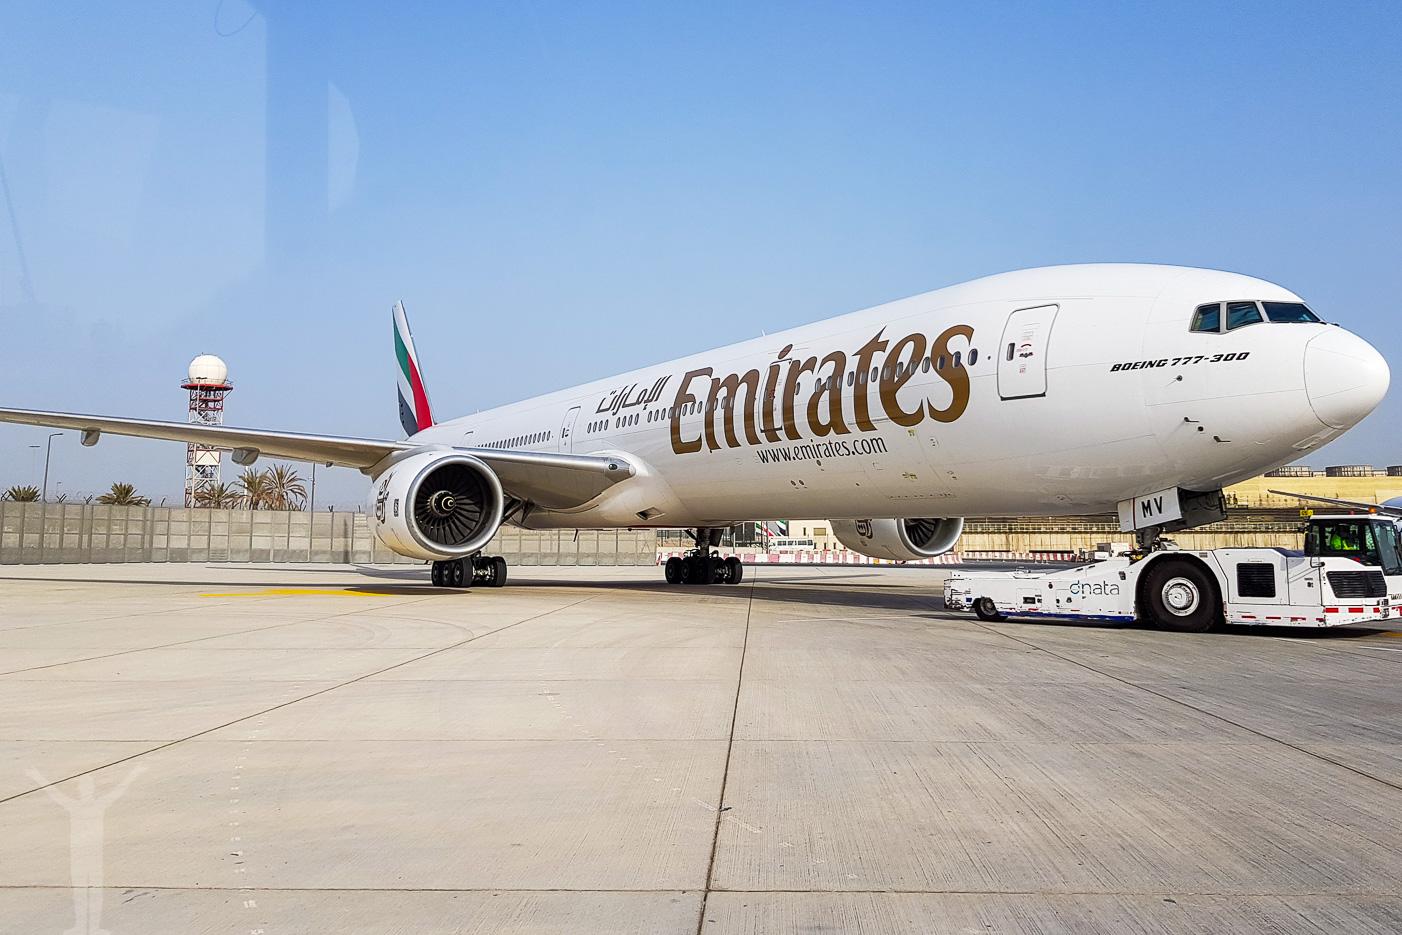 Emirates Boeing 777-300ER (77W)